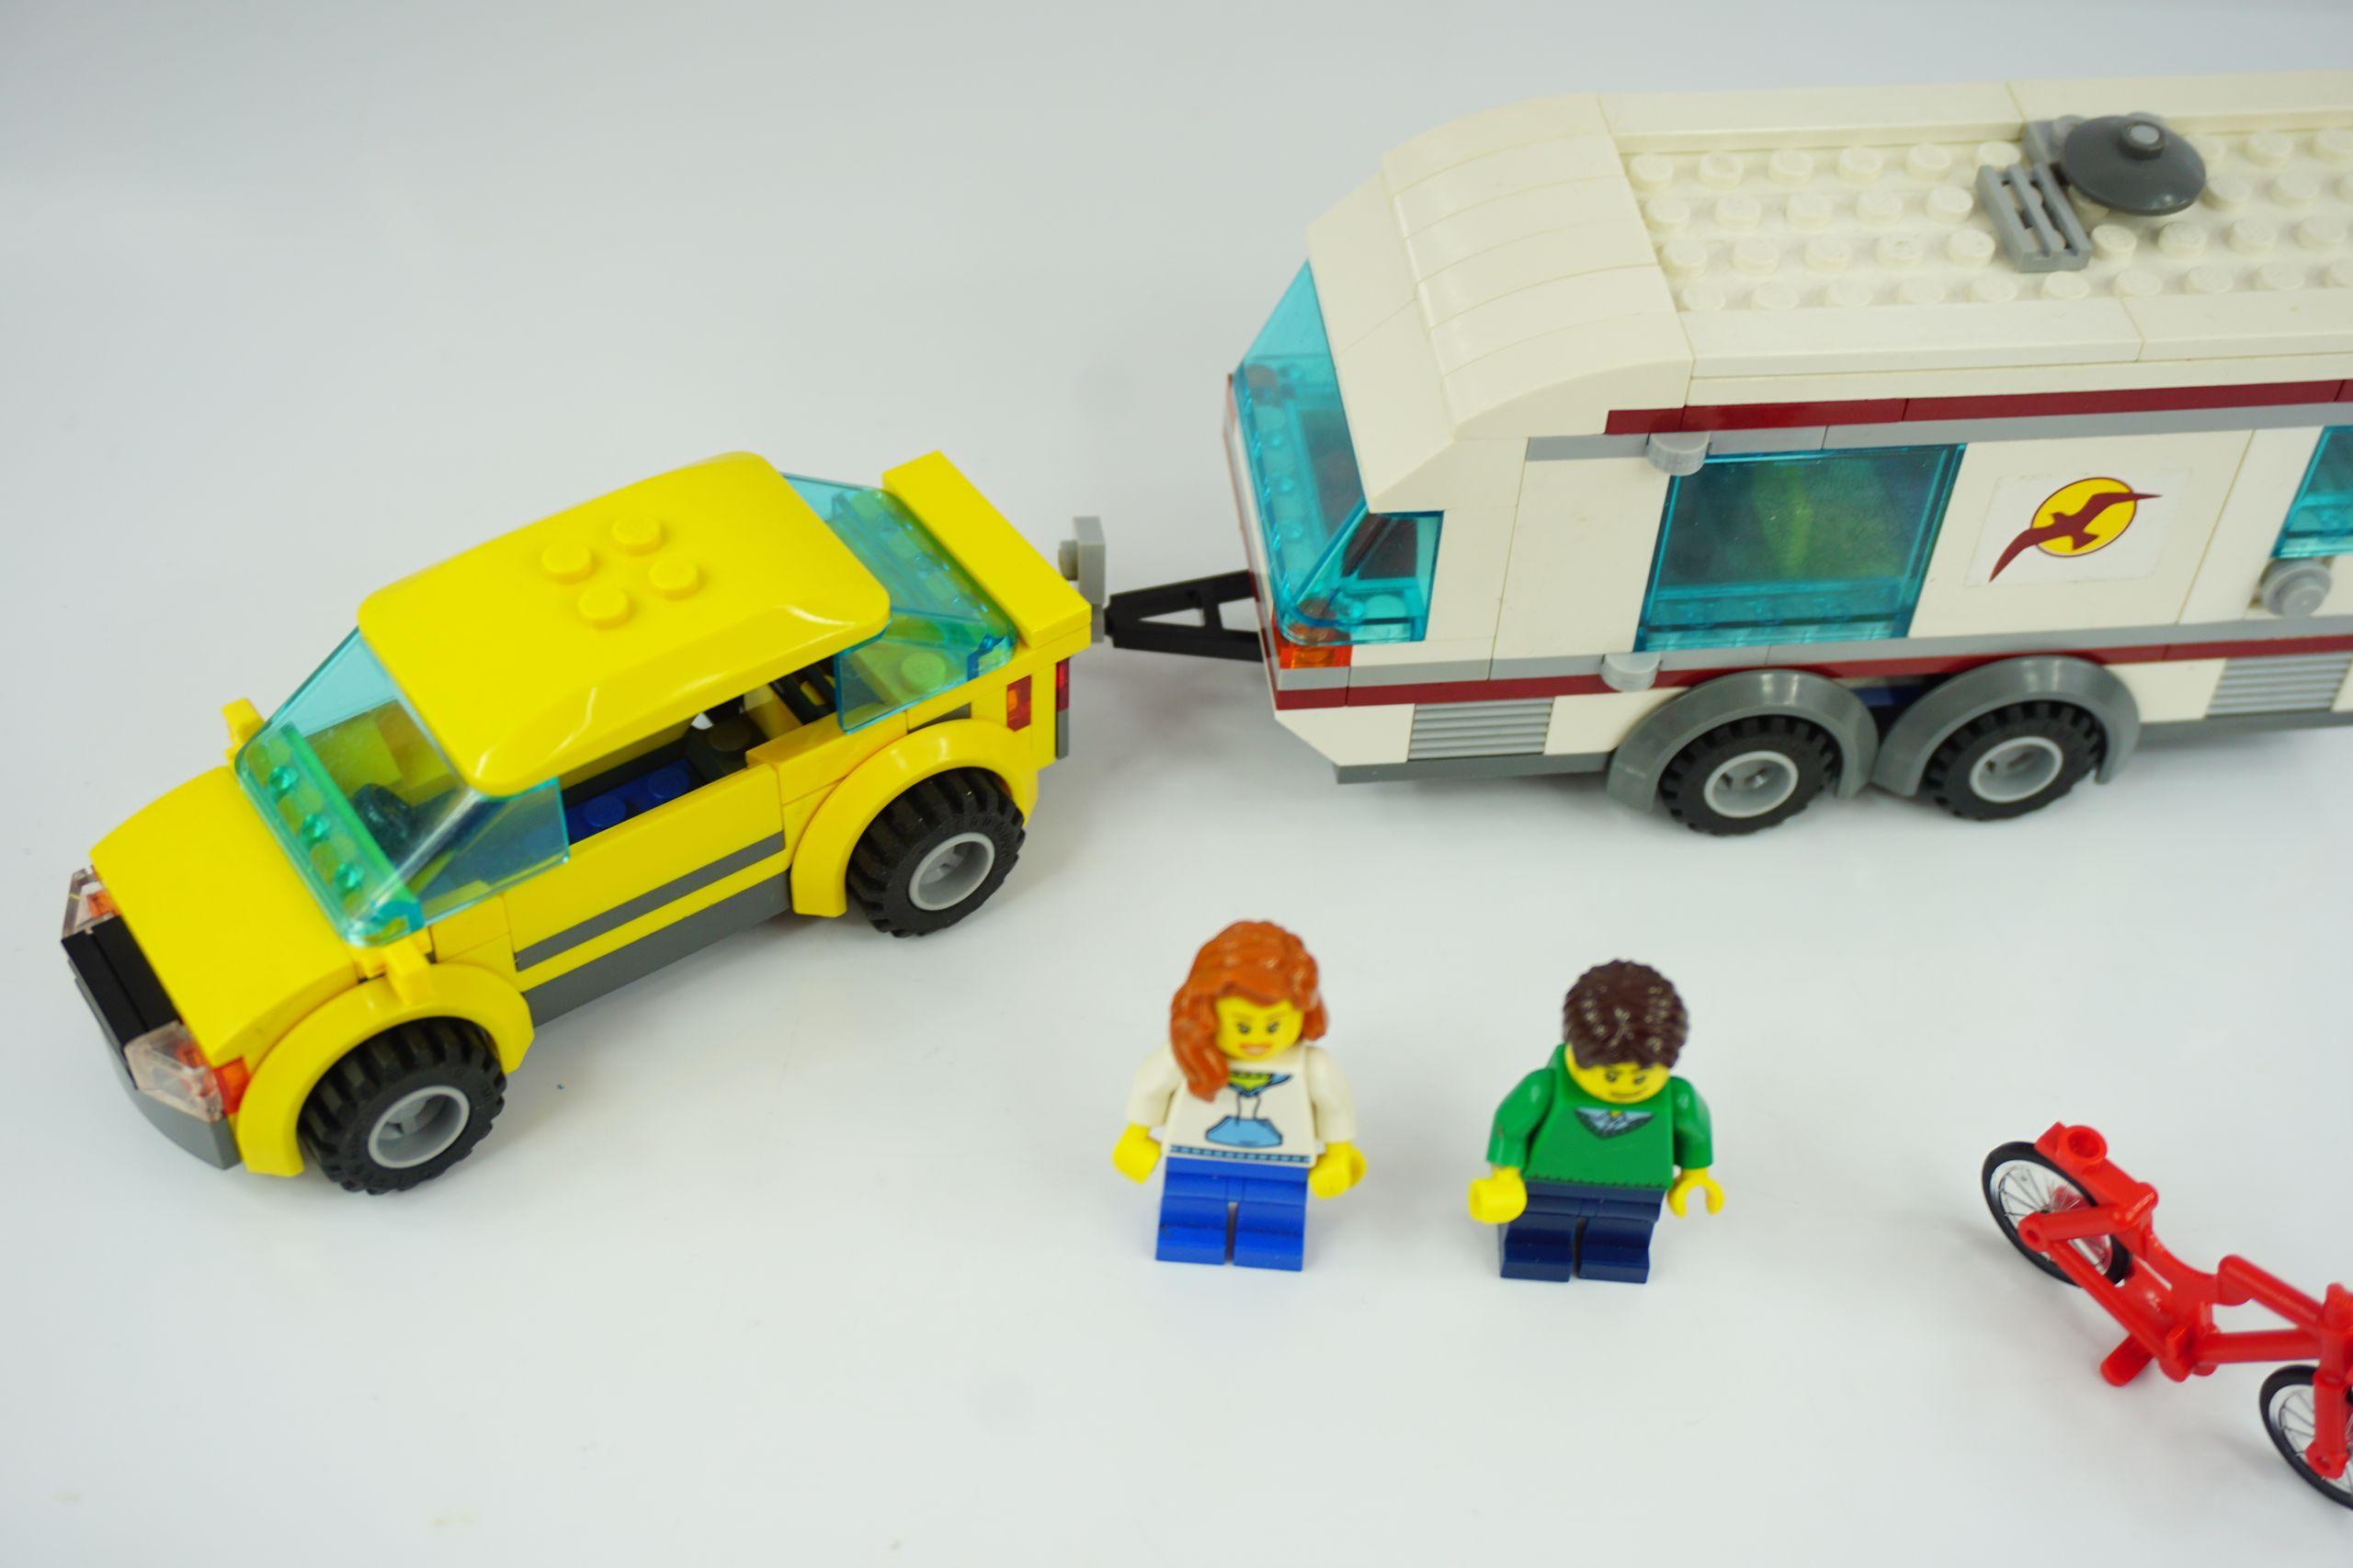 Lego City 4435 Samochód Z Przyczepą Kempingową 7215180194